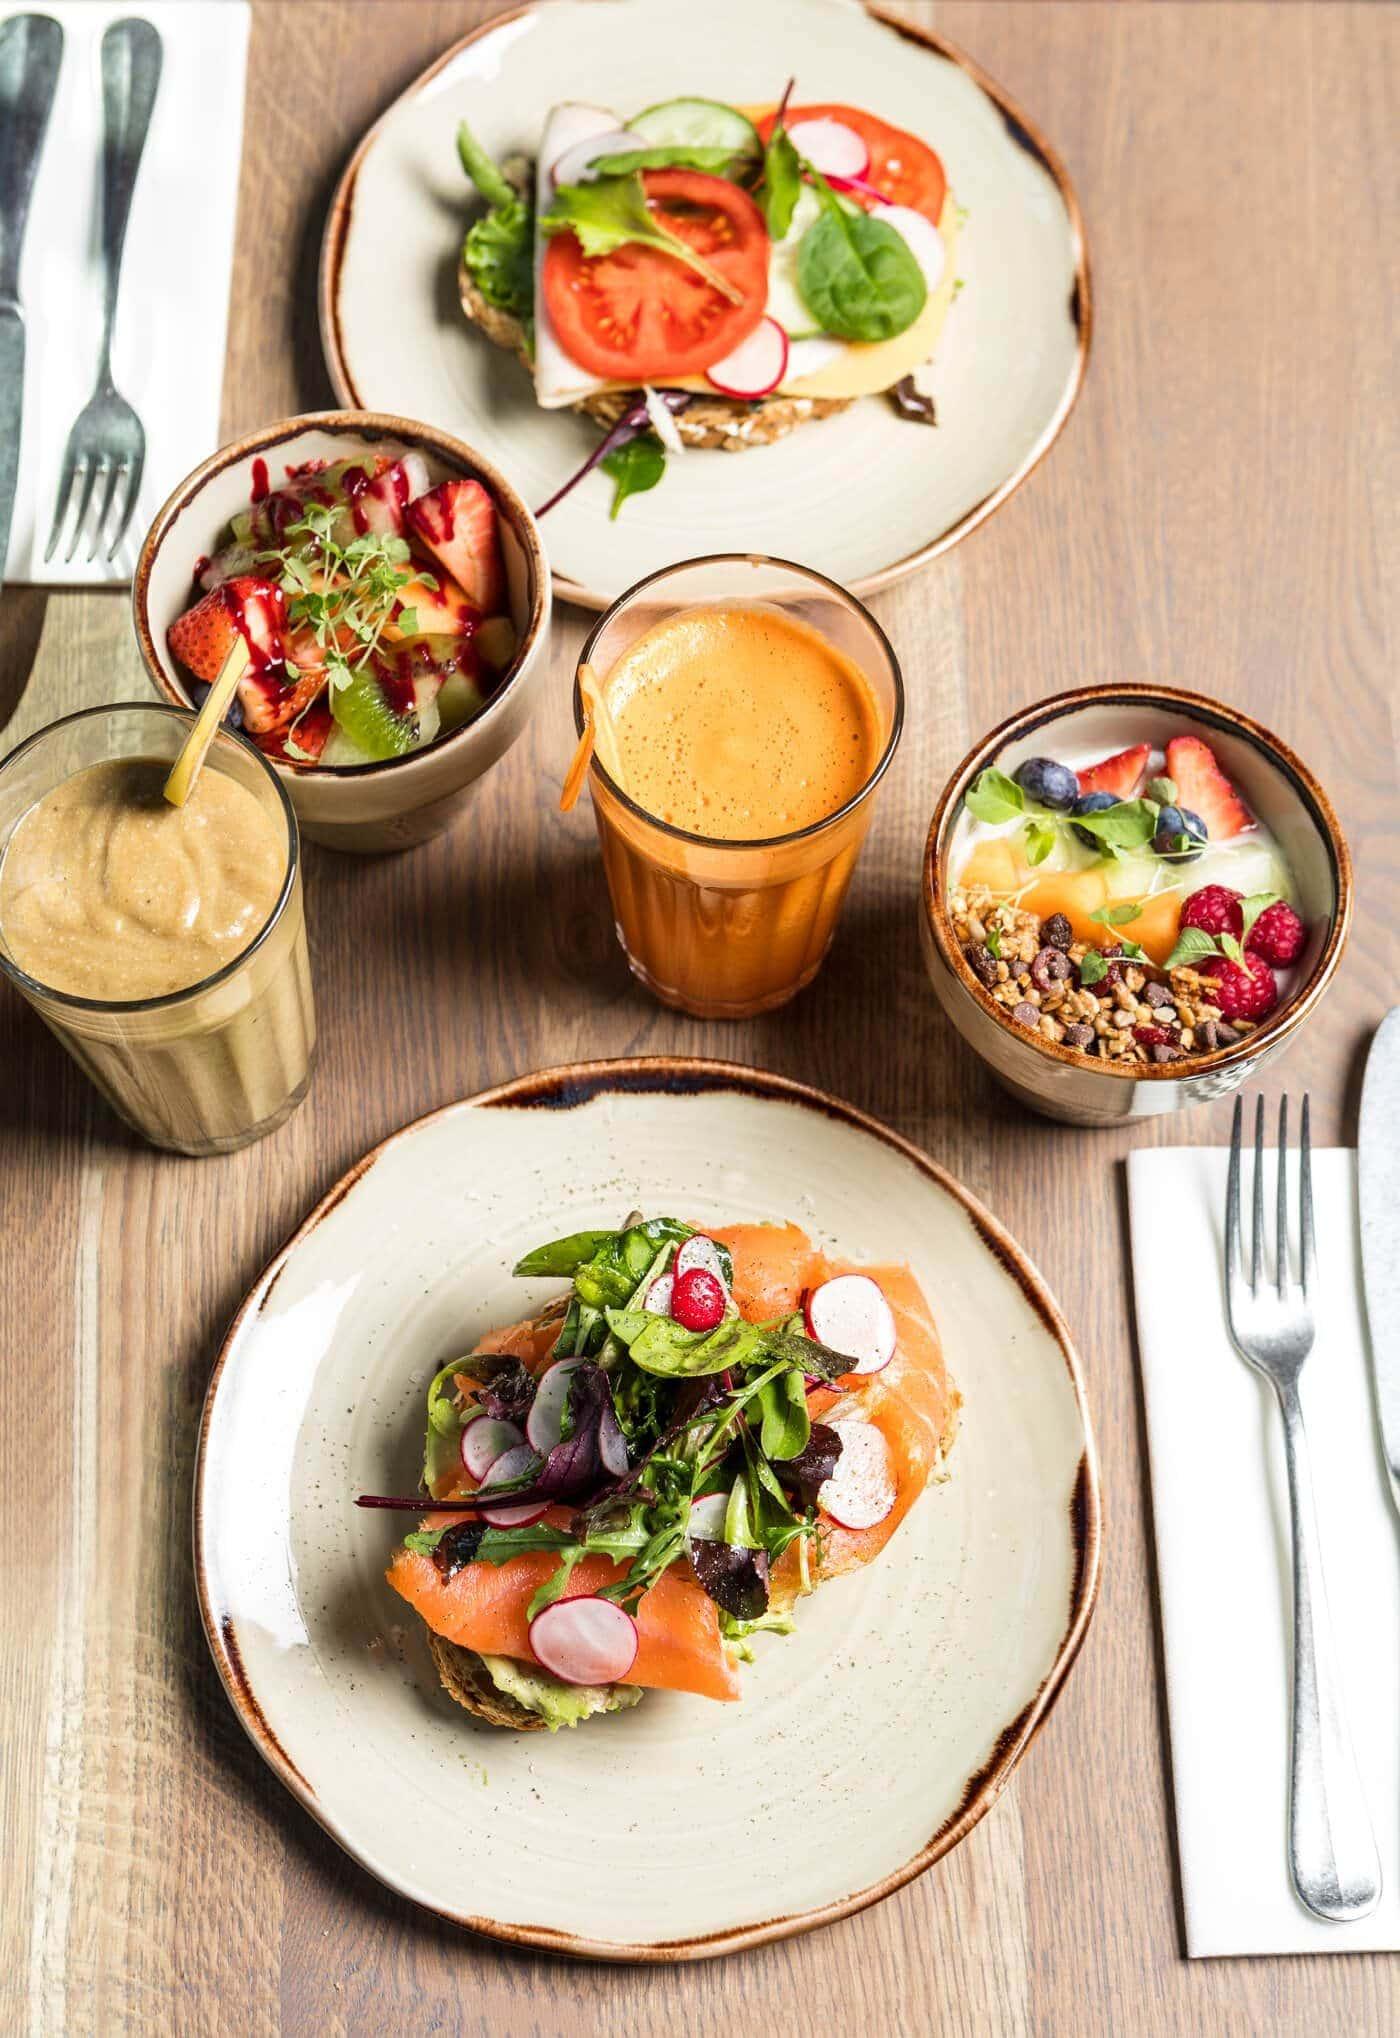 food-photography-bedrijfsreportage-horeca-cafe-lunchroom-restaurant